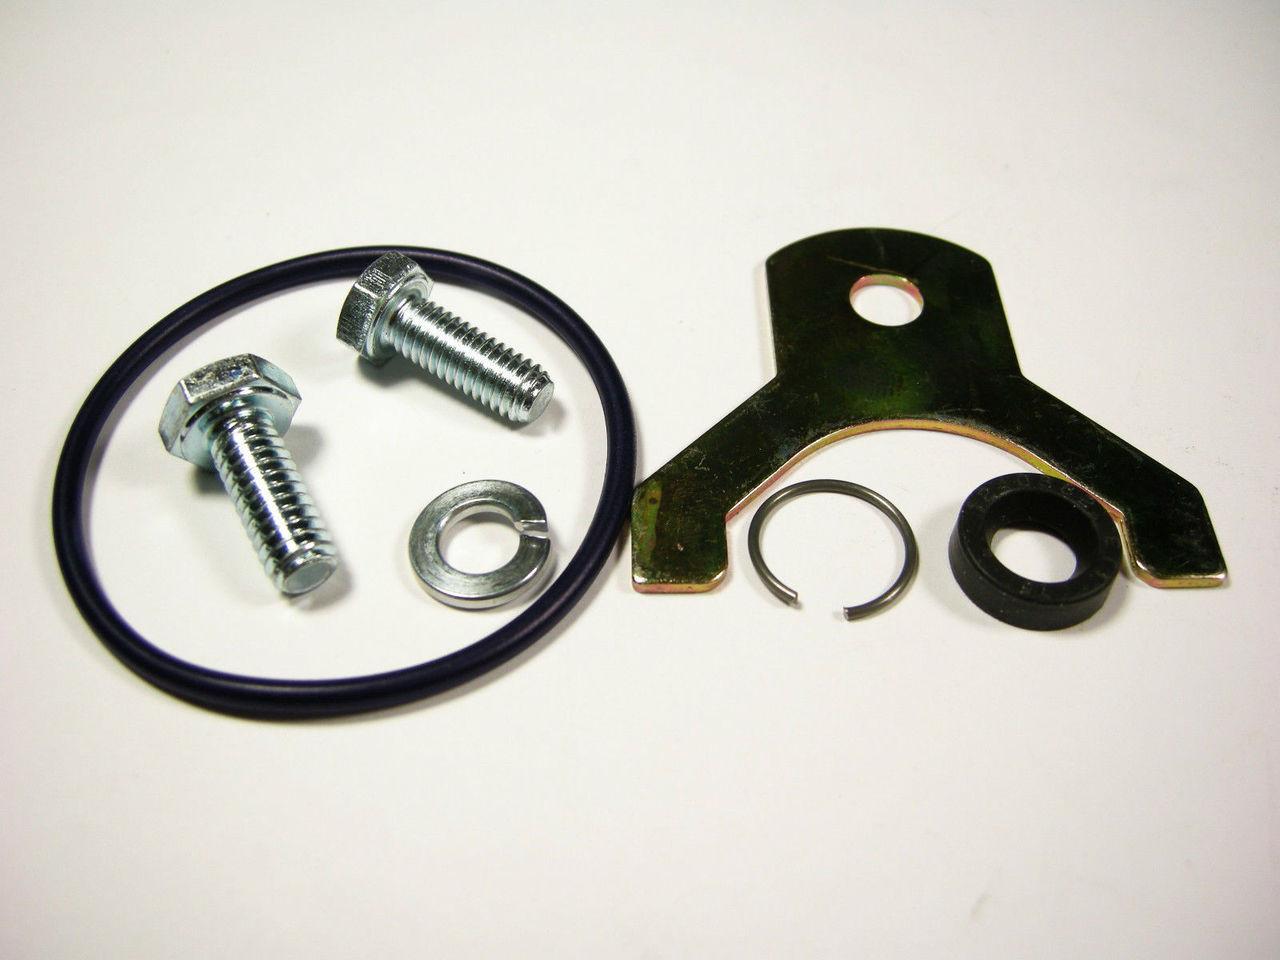 700r4 Complete Speedo Gear Housing Leak Stop Seal Kit